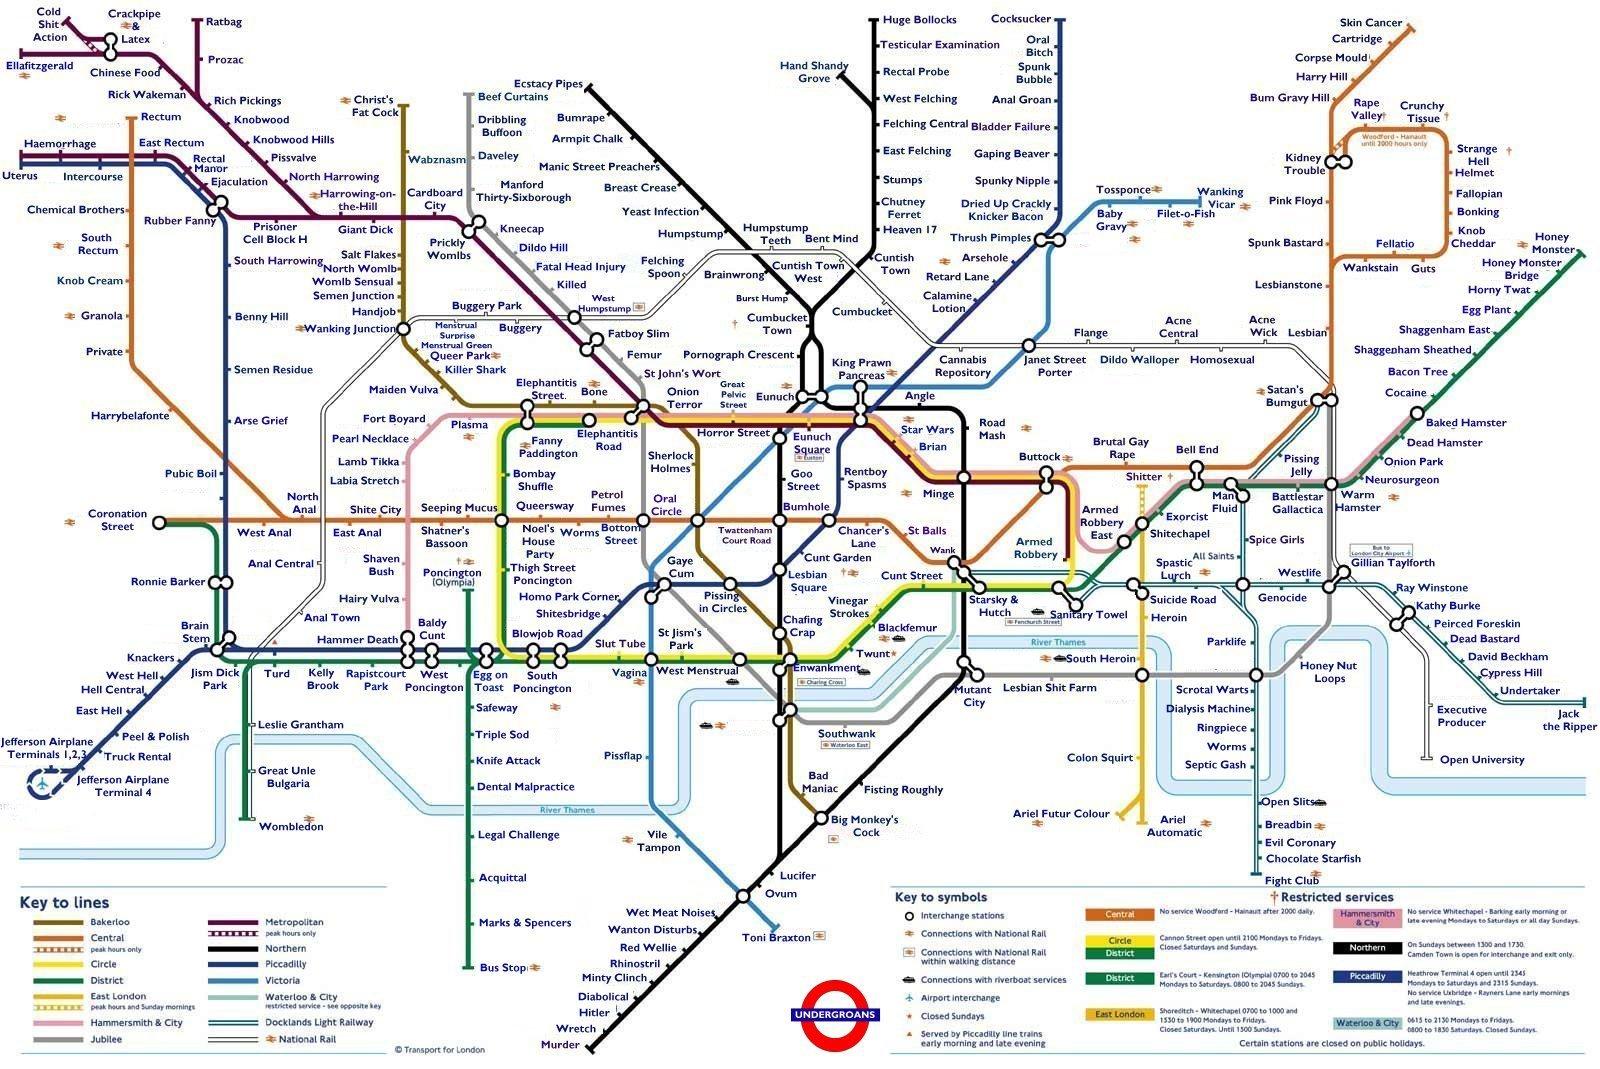 Tflsillymaps - Underground Map